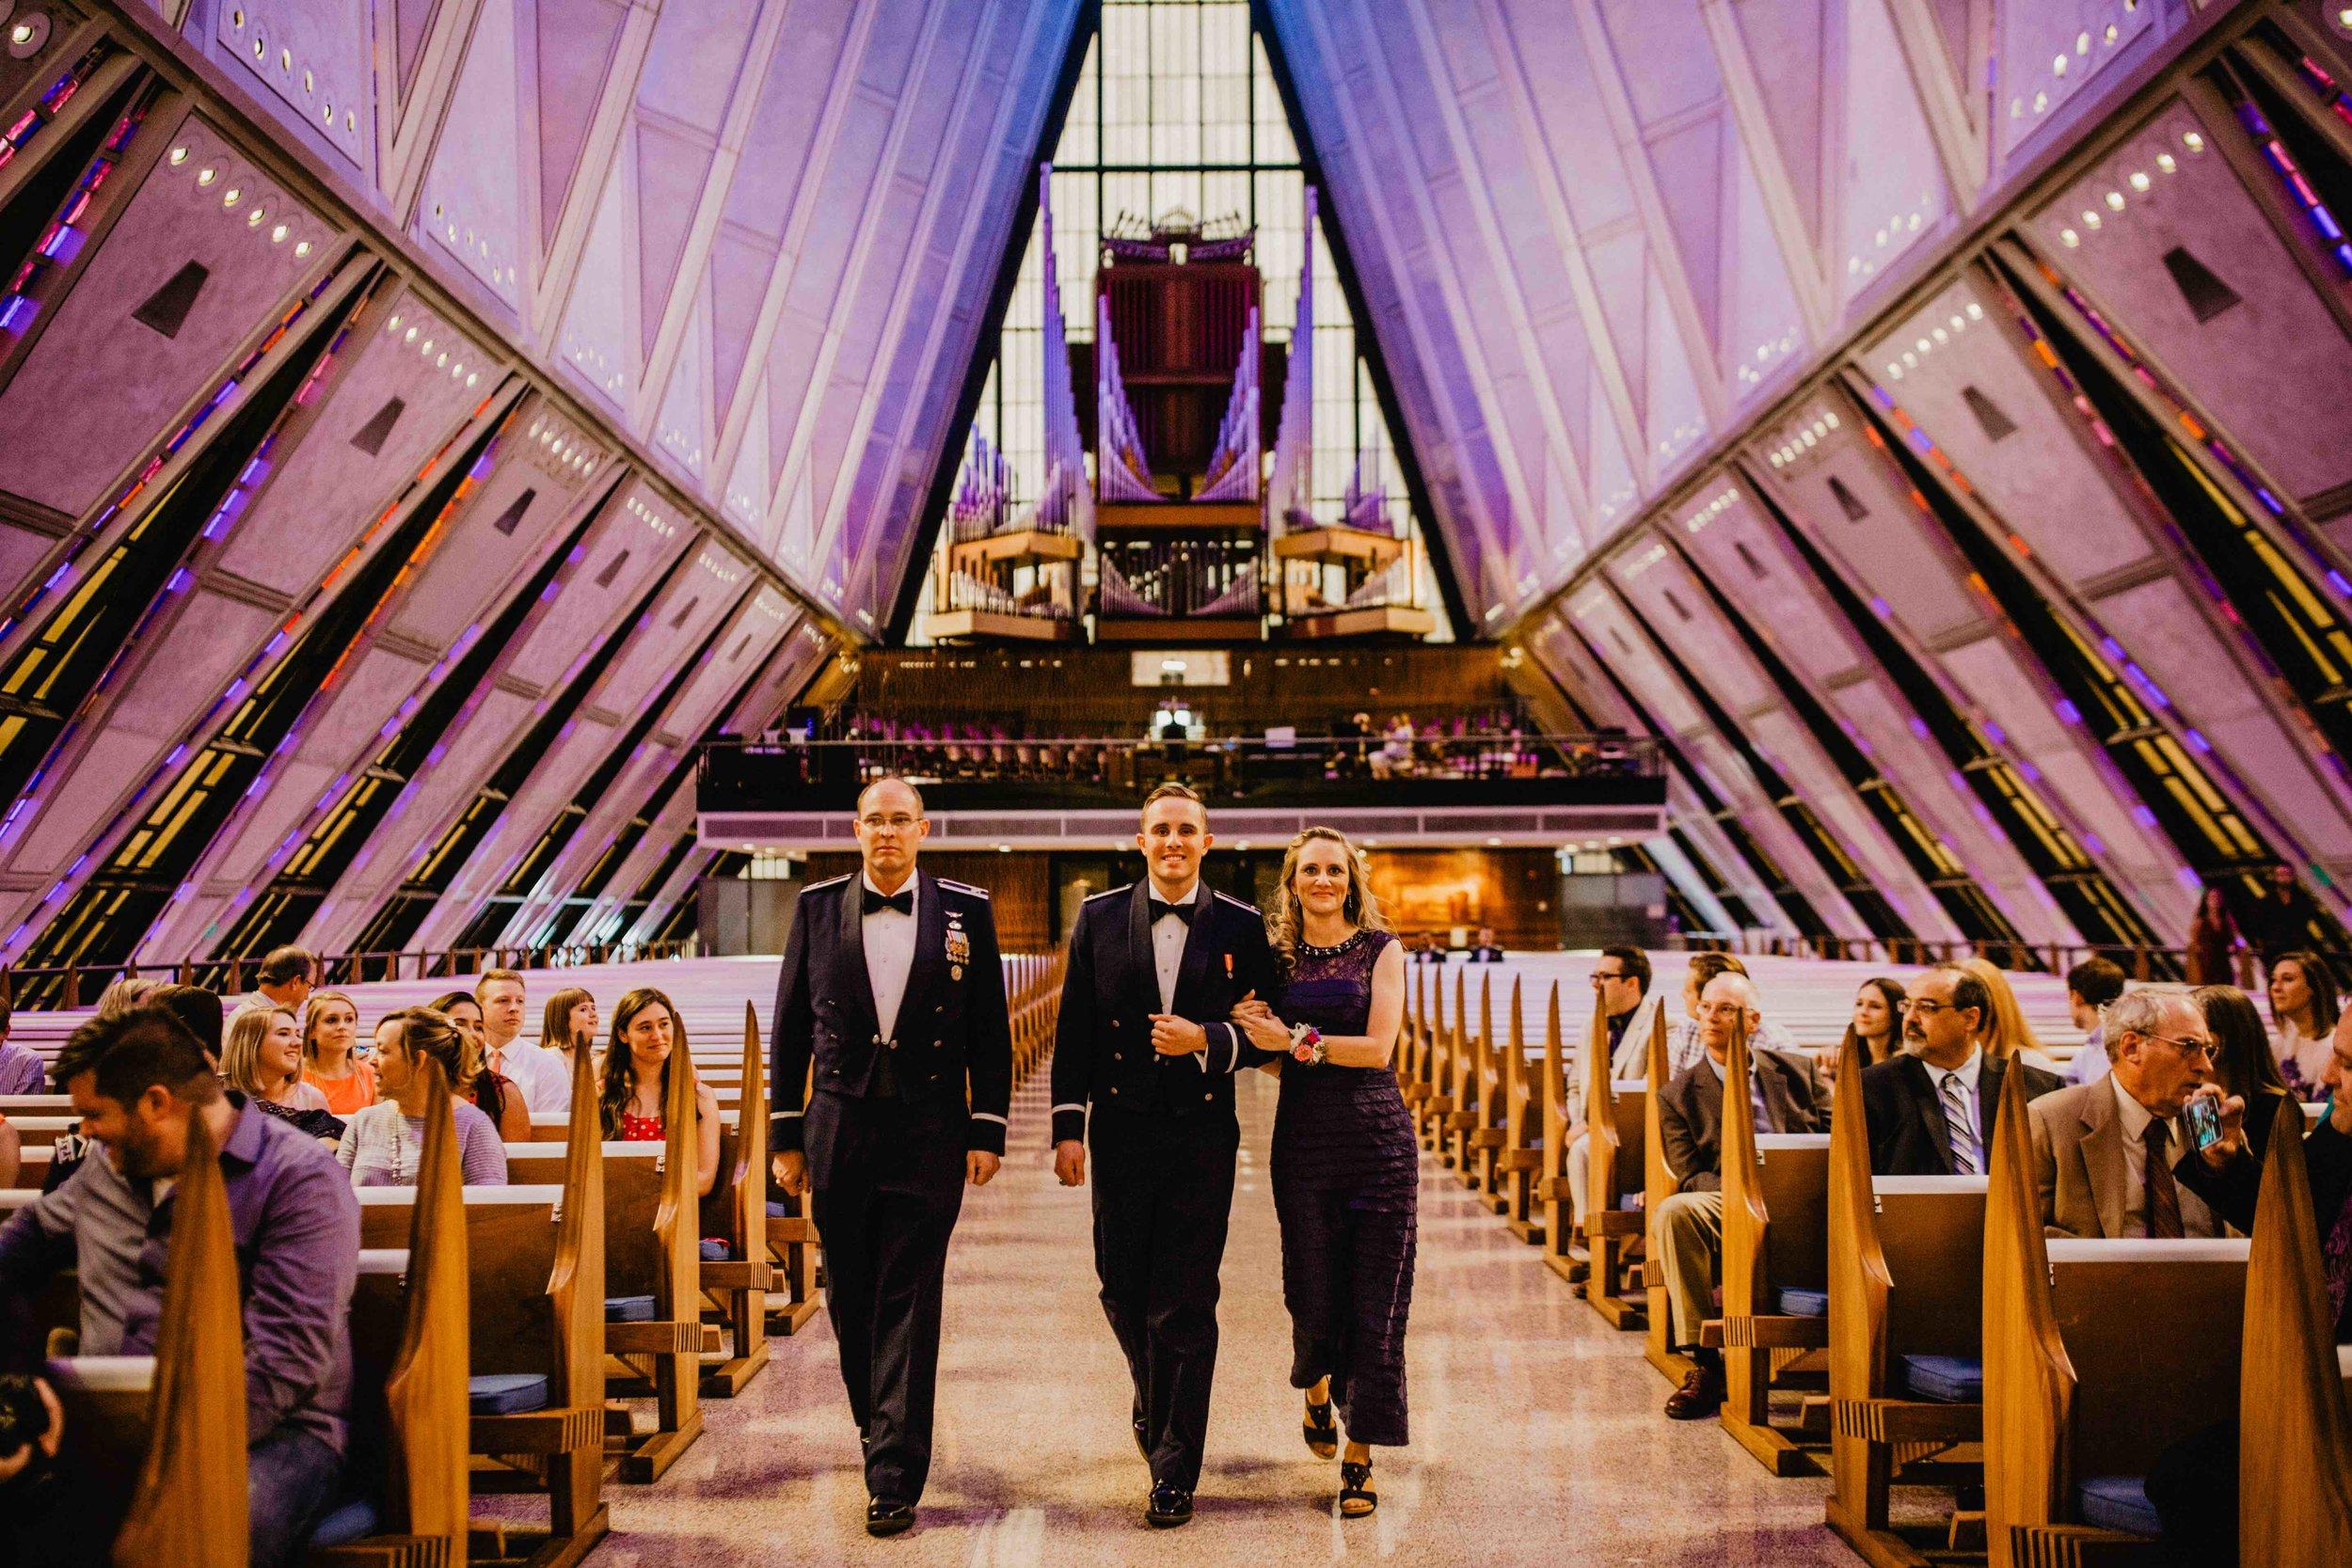 4W7A9652-colorado-wedding-photographer-denver-springs-vail--colorado-wedding-photographer-denver-springs-vail-.jpeg